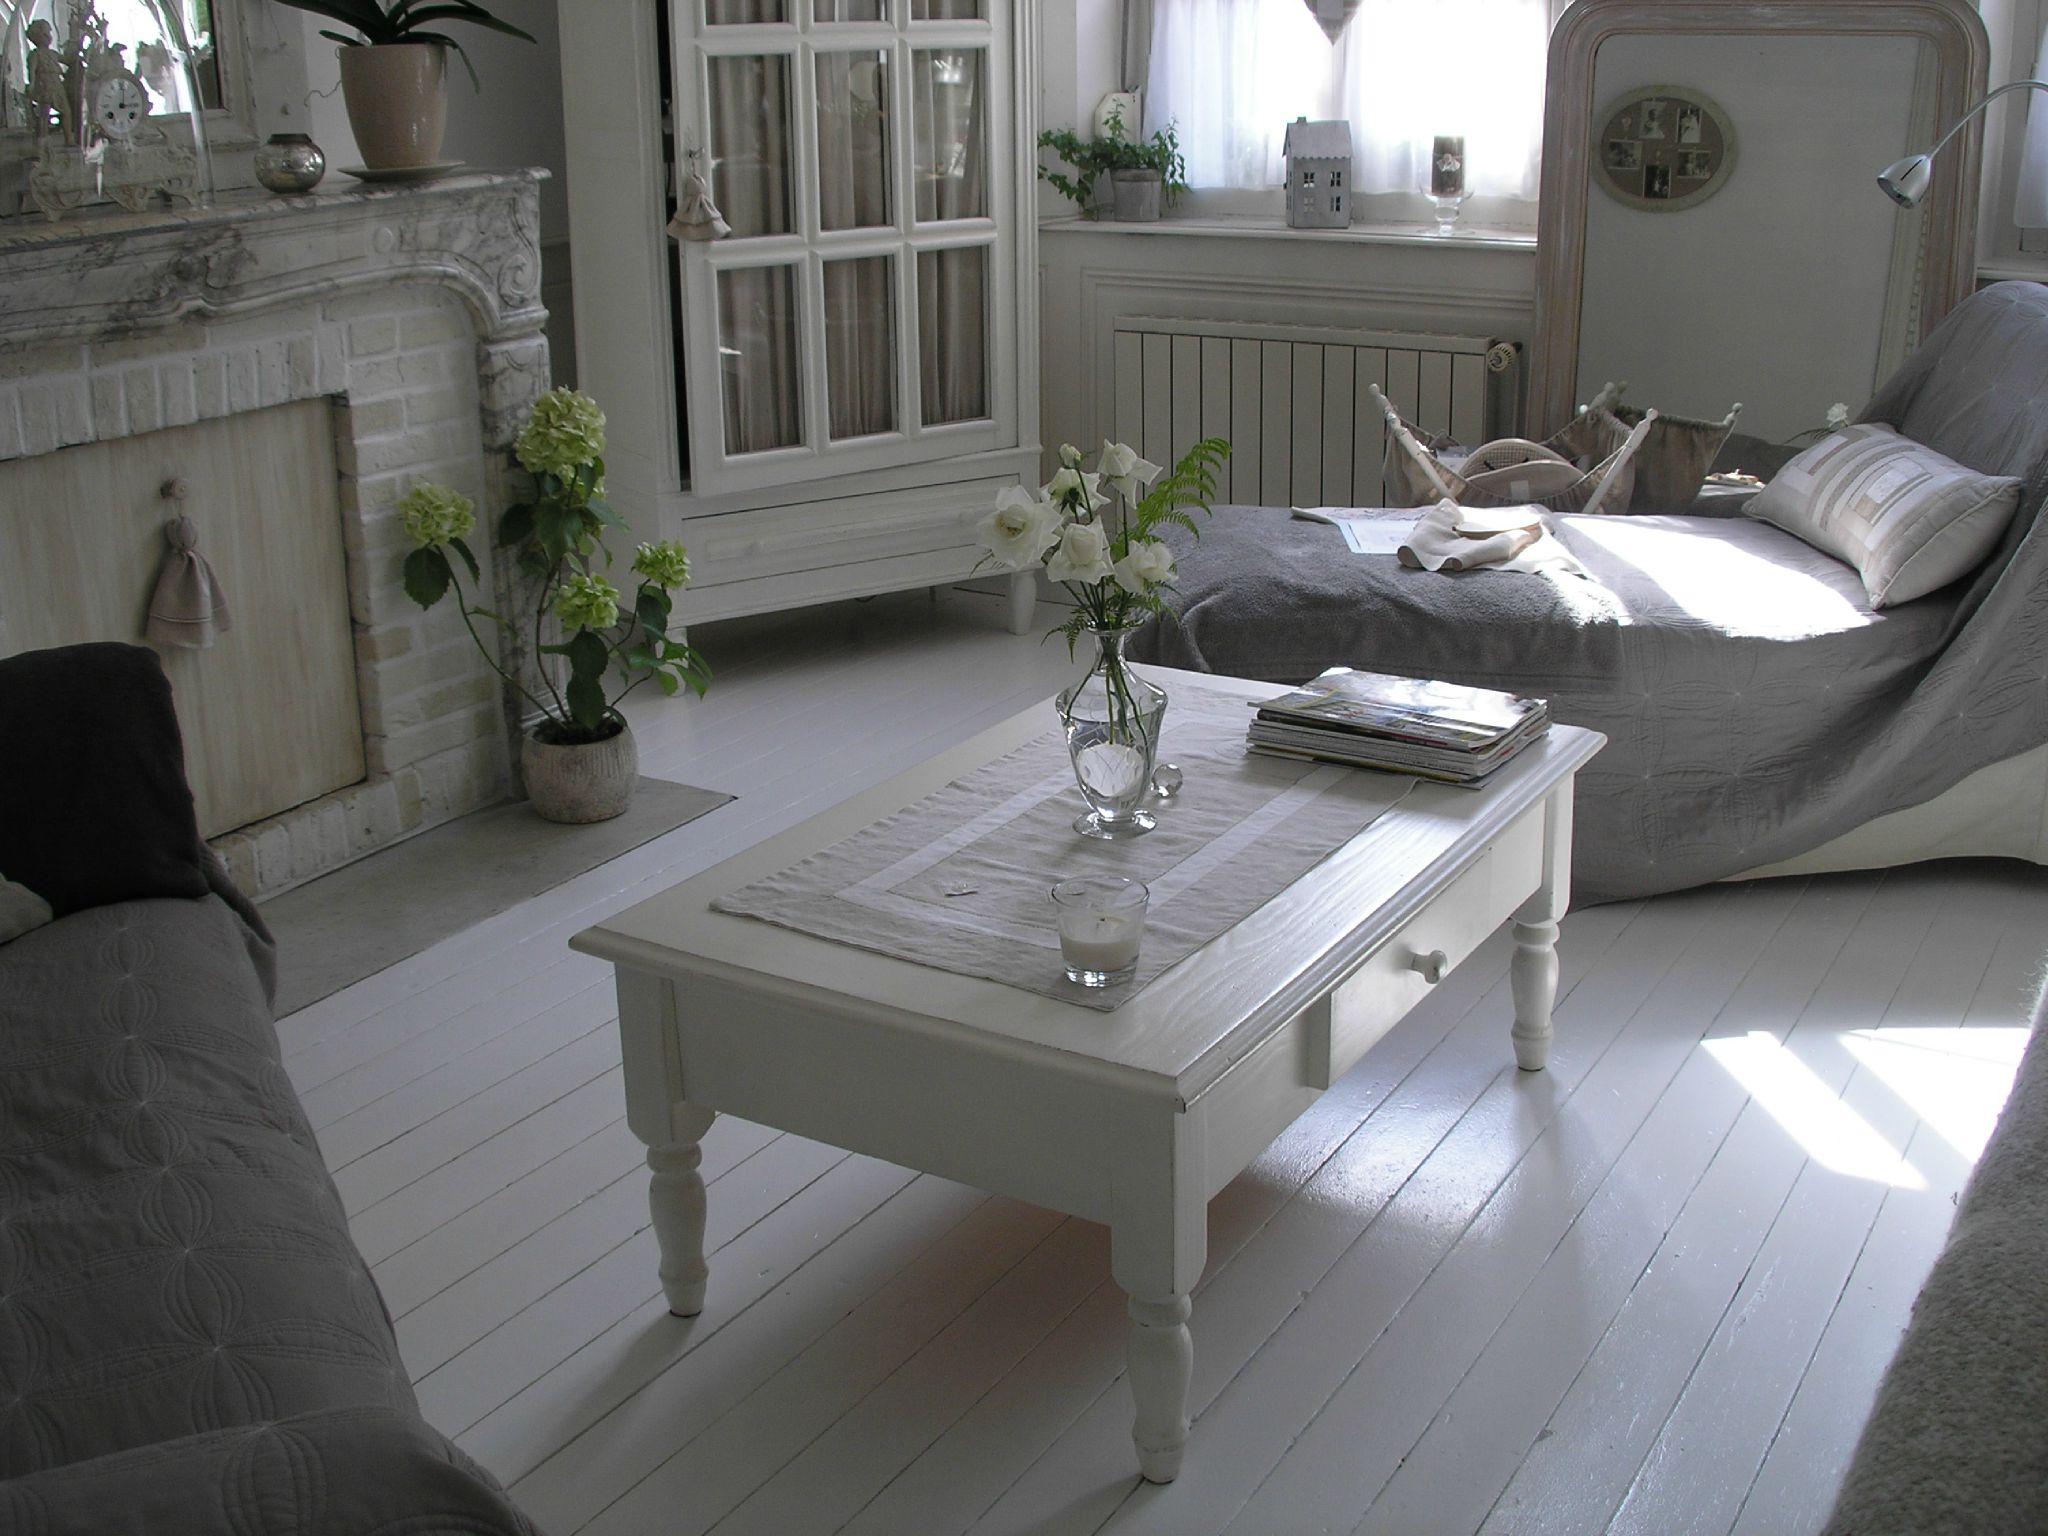 Eclat de blanc petits bonheurs d 39 autrefois Deco salon gris et blanc